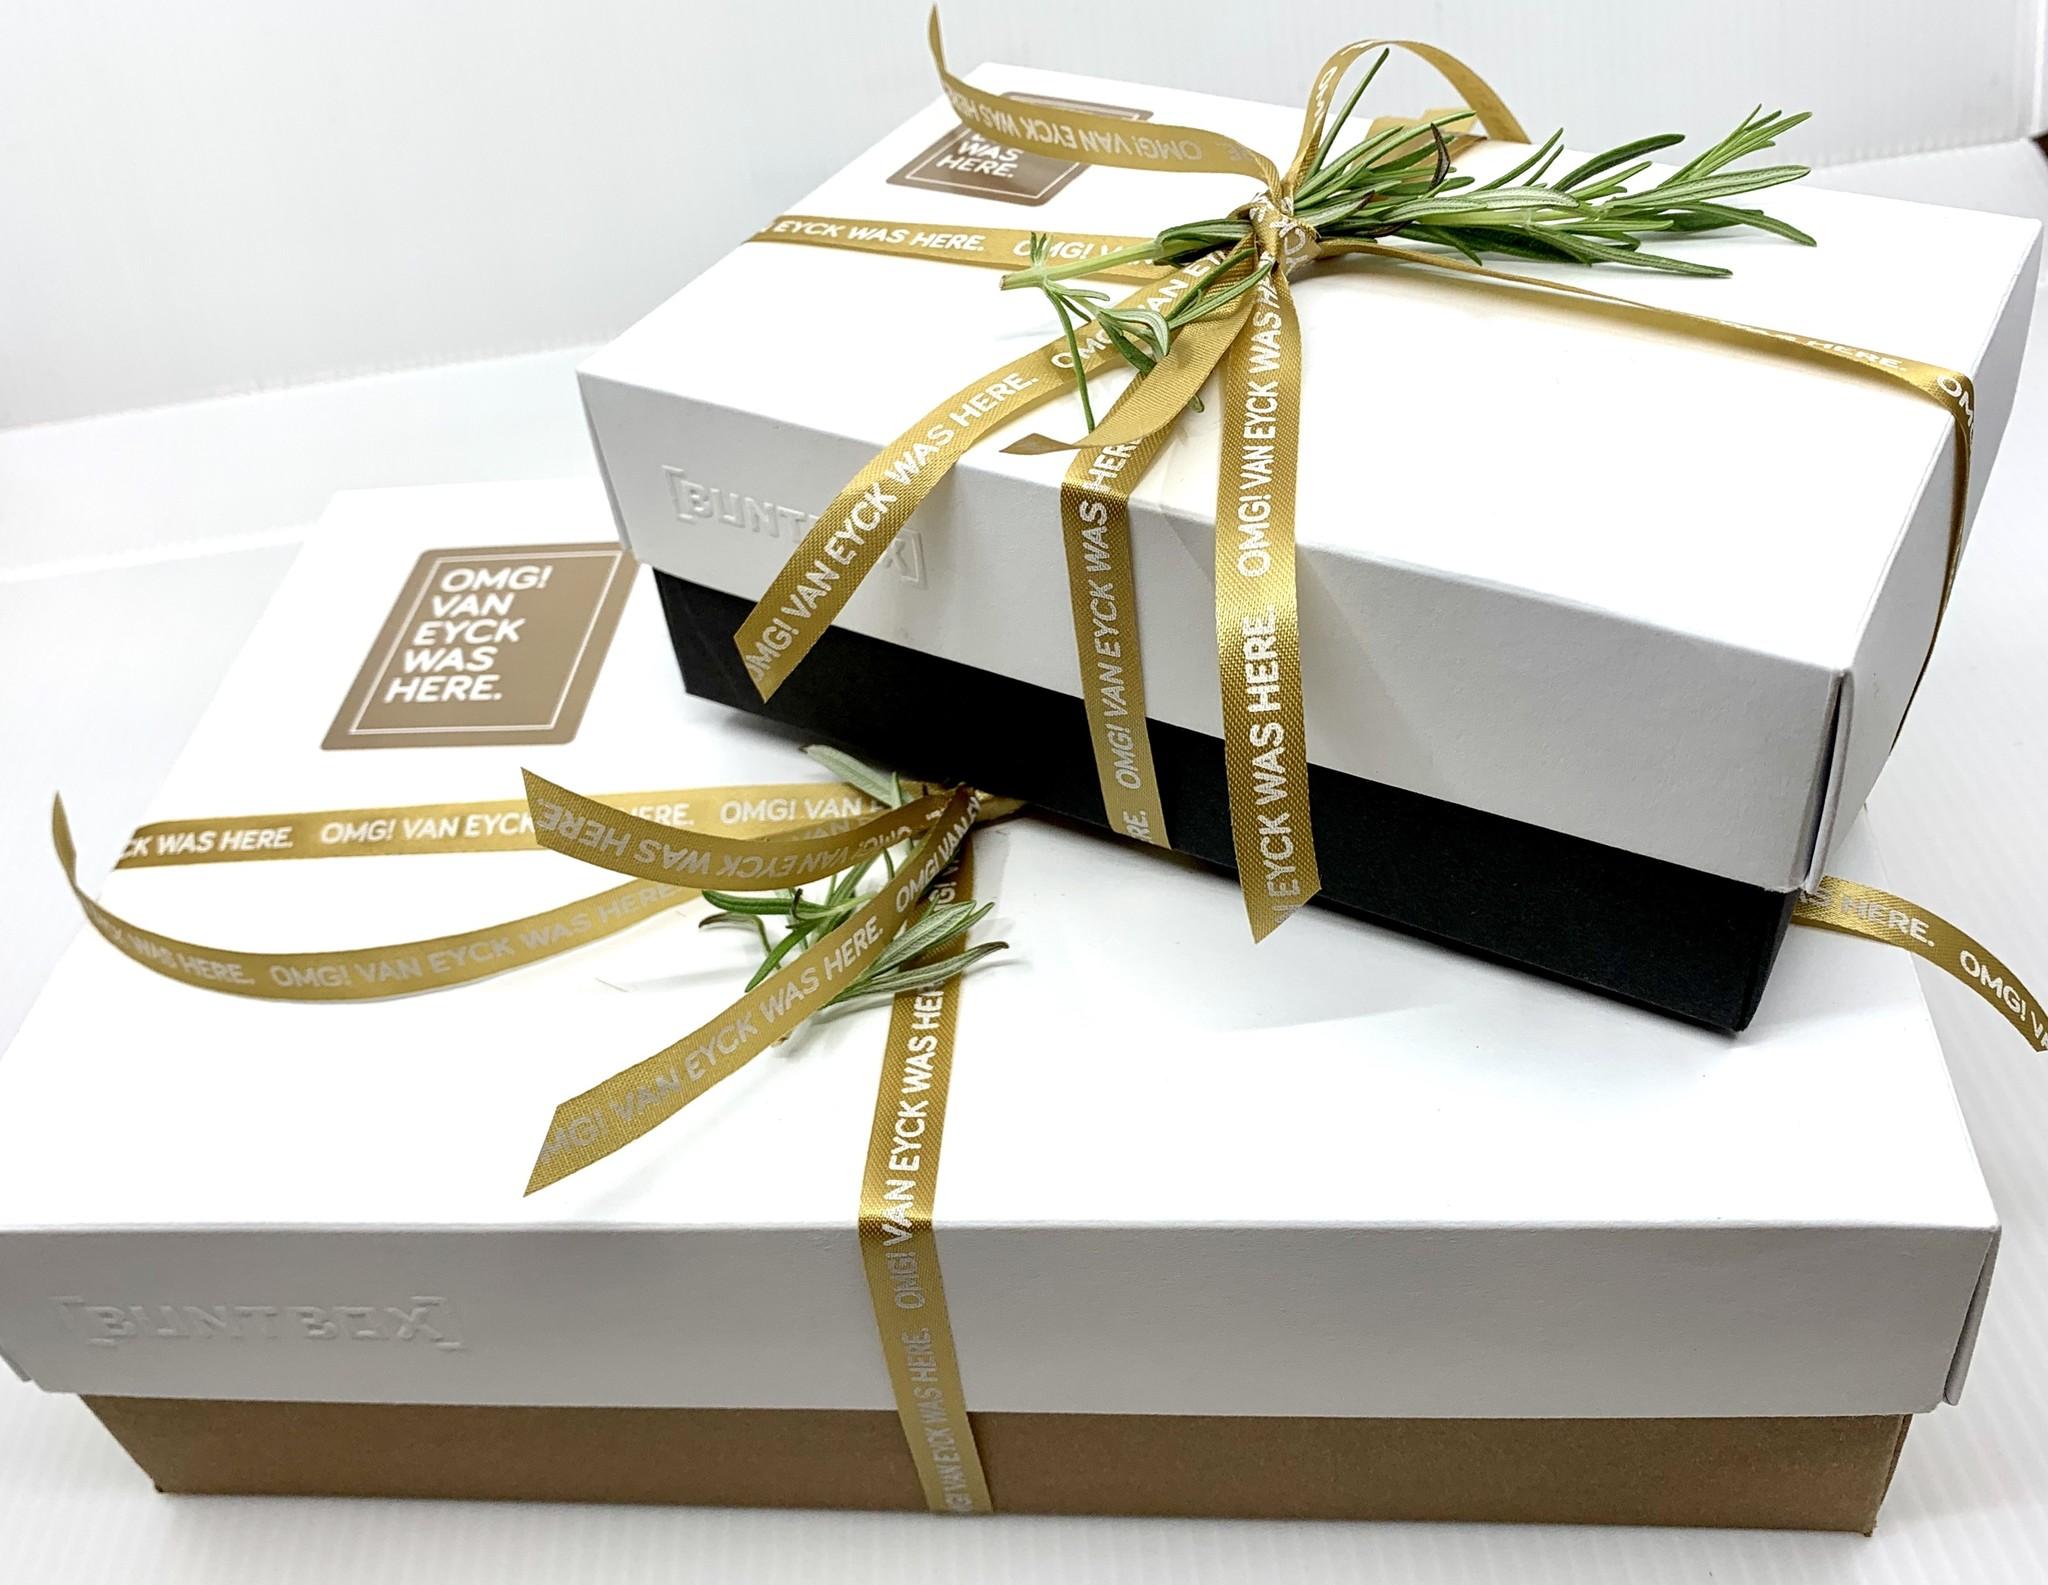 Van Eyck shop Gift box 'Little bookworm': original children's books about Van Eyck